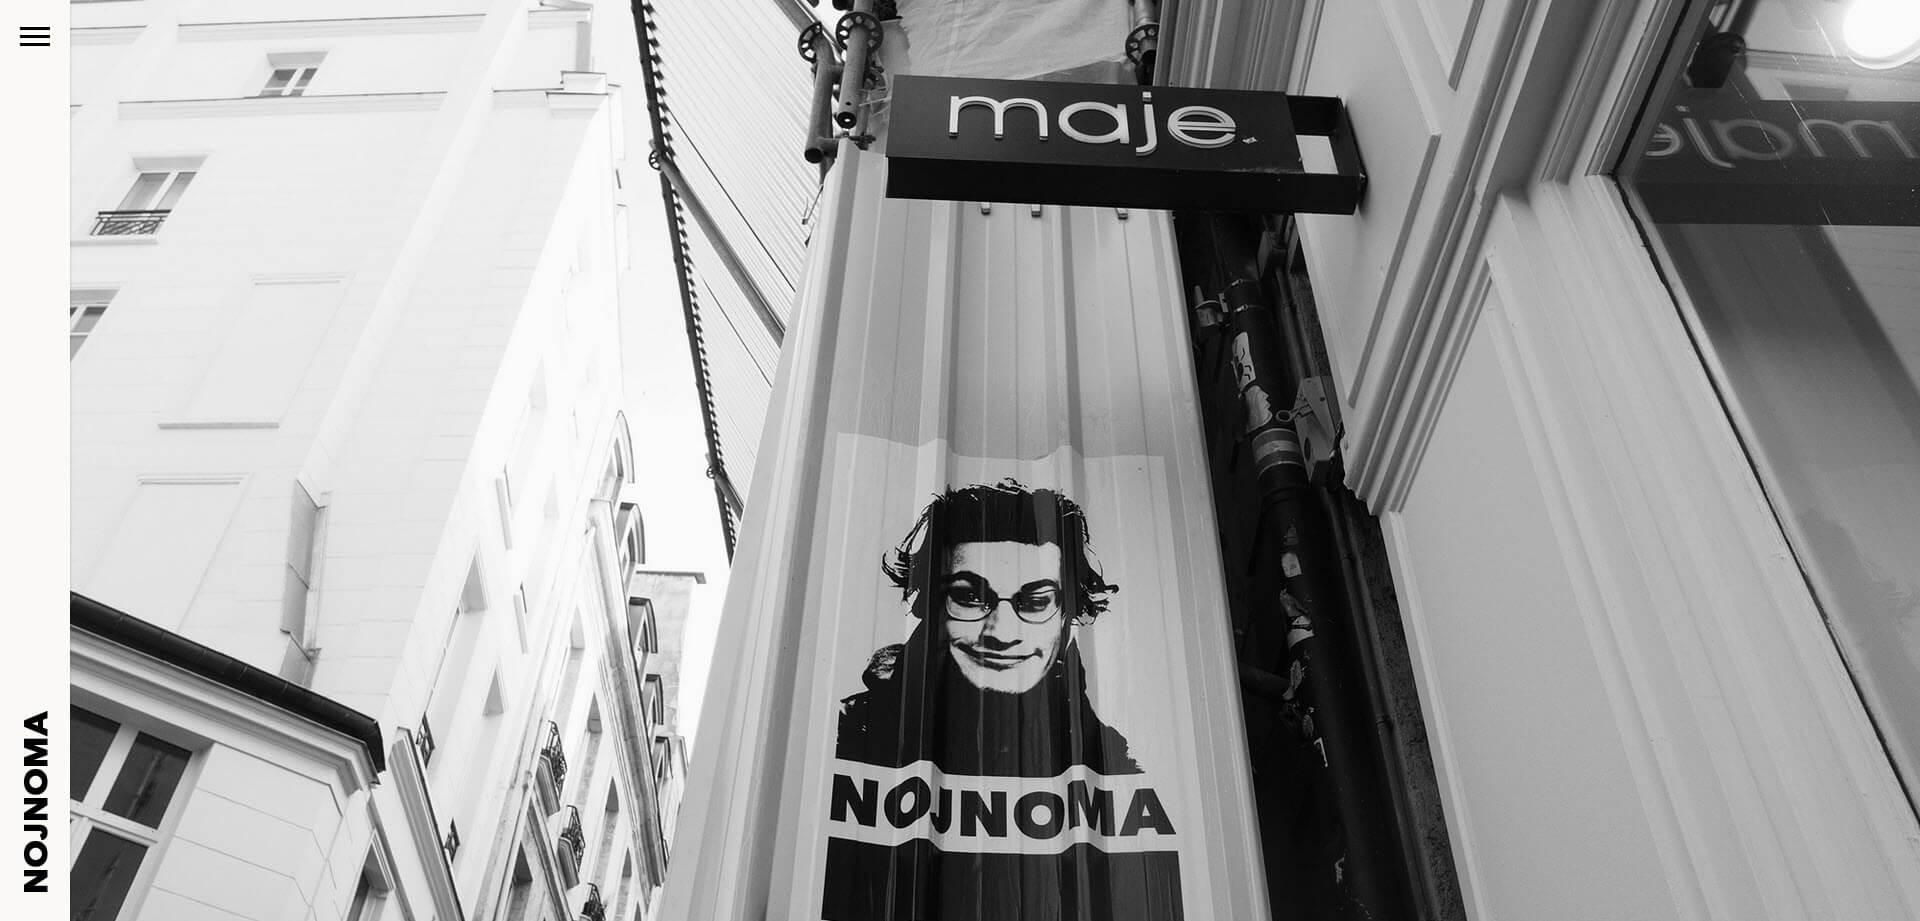 Nojnoma-artiste-et-photographe-parisien